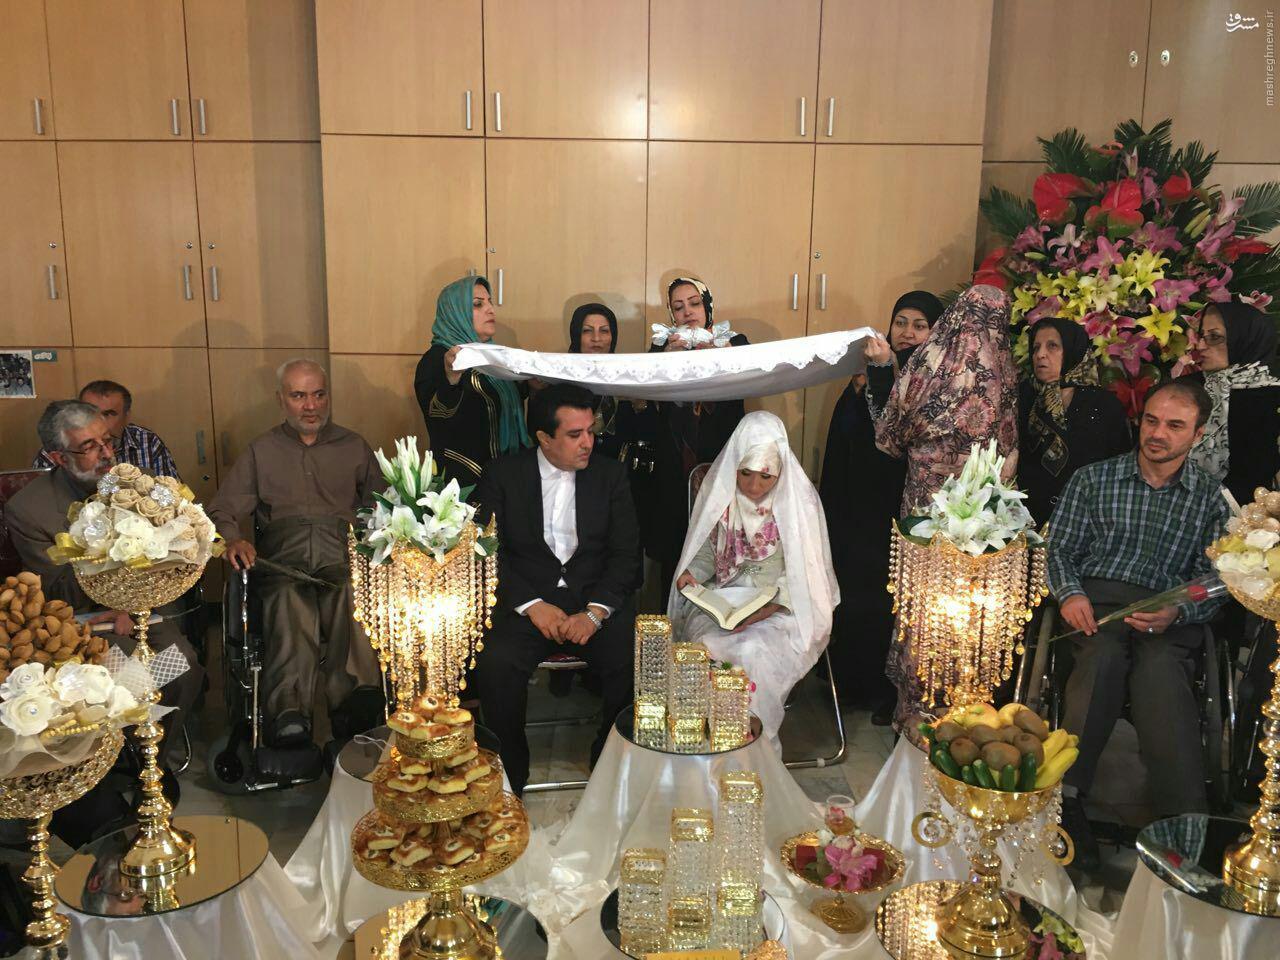 عکس/ مراسم عقد حسینی بای آسایشگاه جانبازان ثارالله